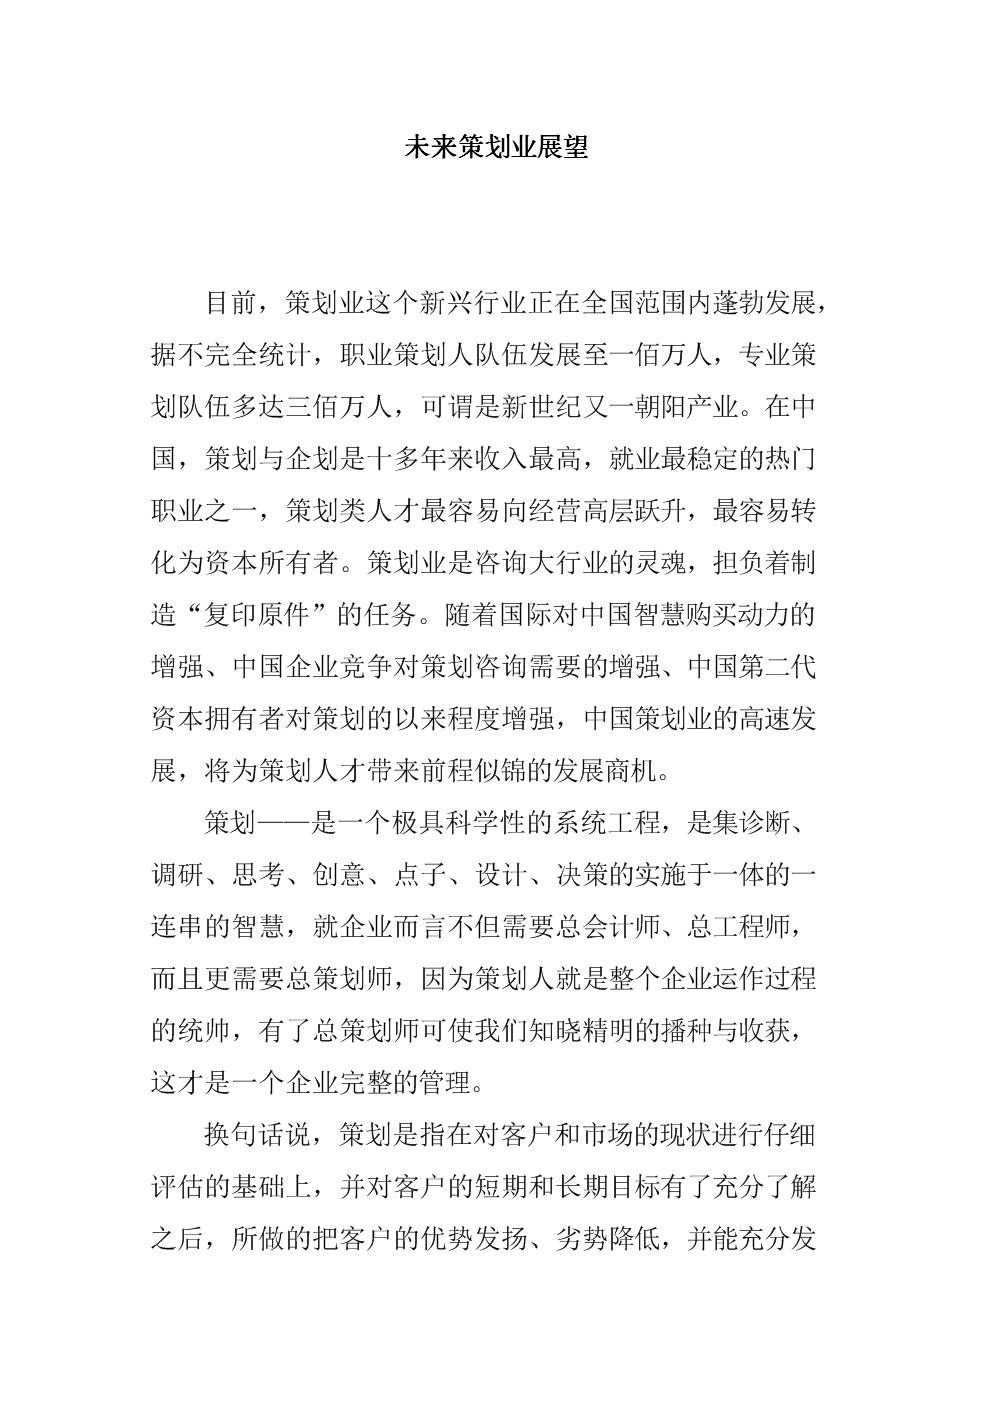 未来策划业展望资料.doc